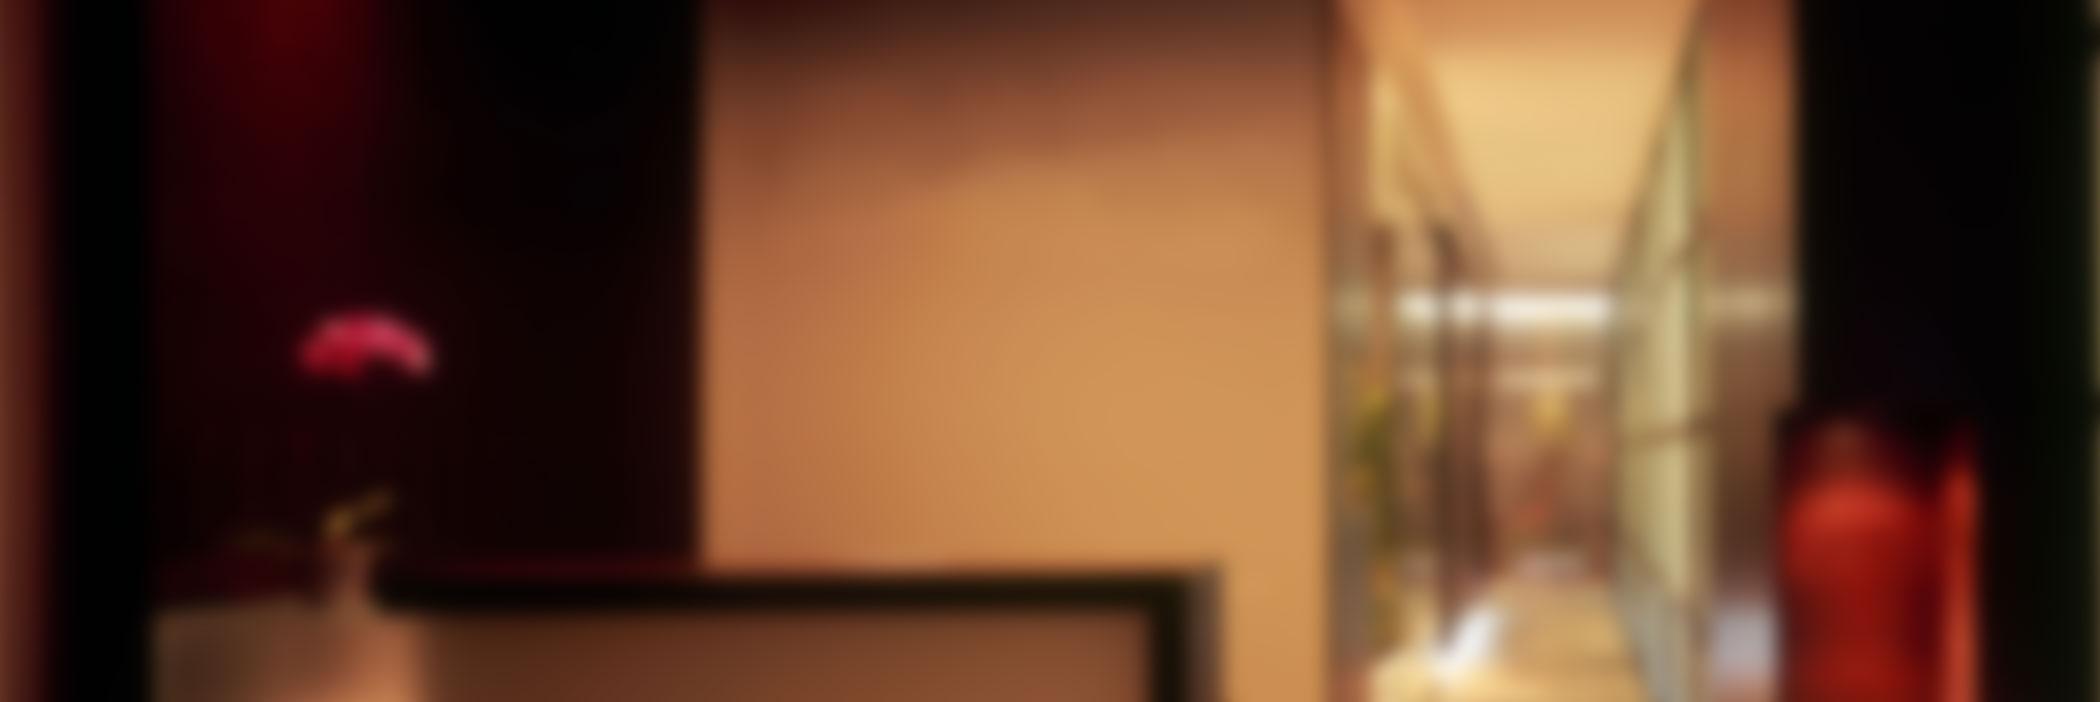 animation-background